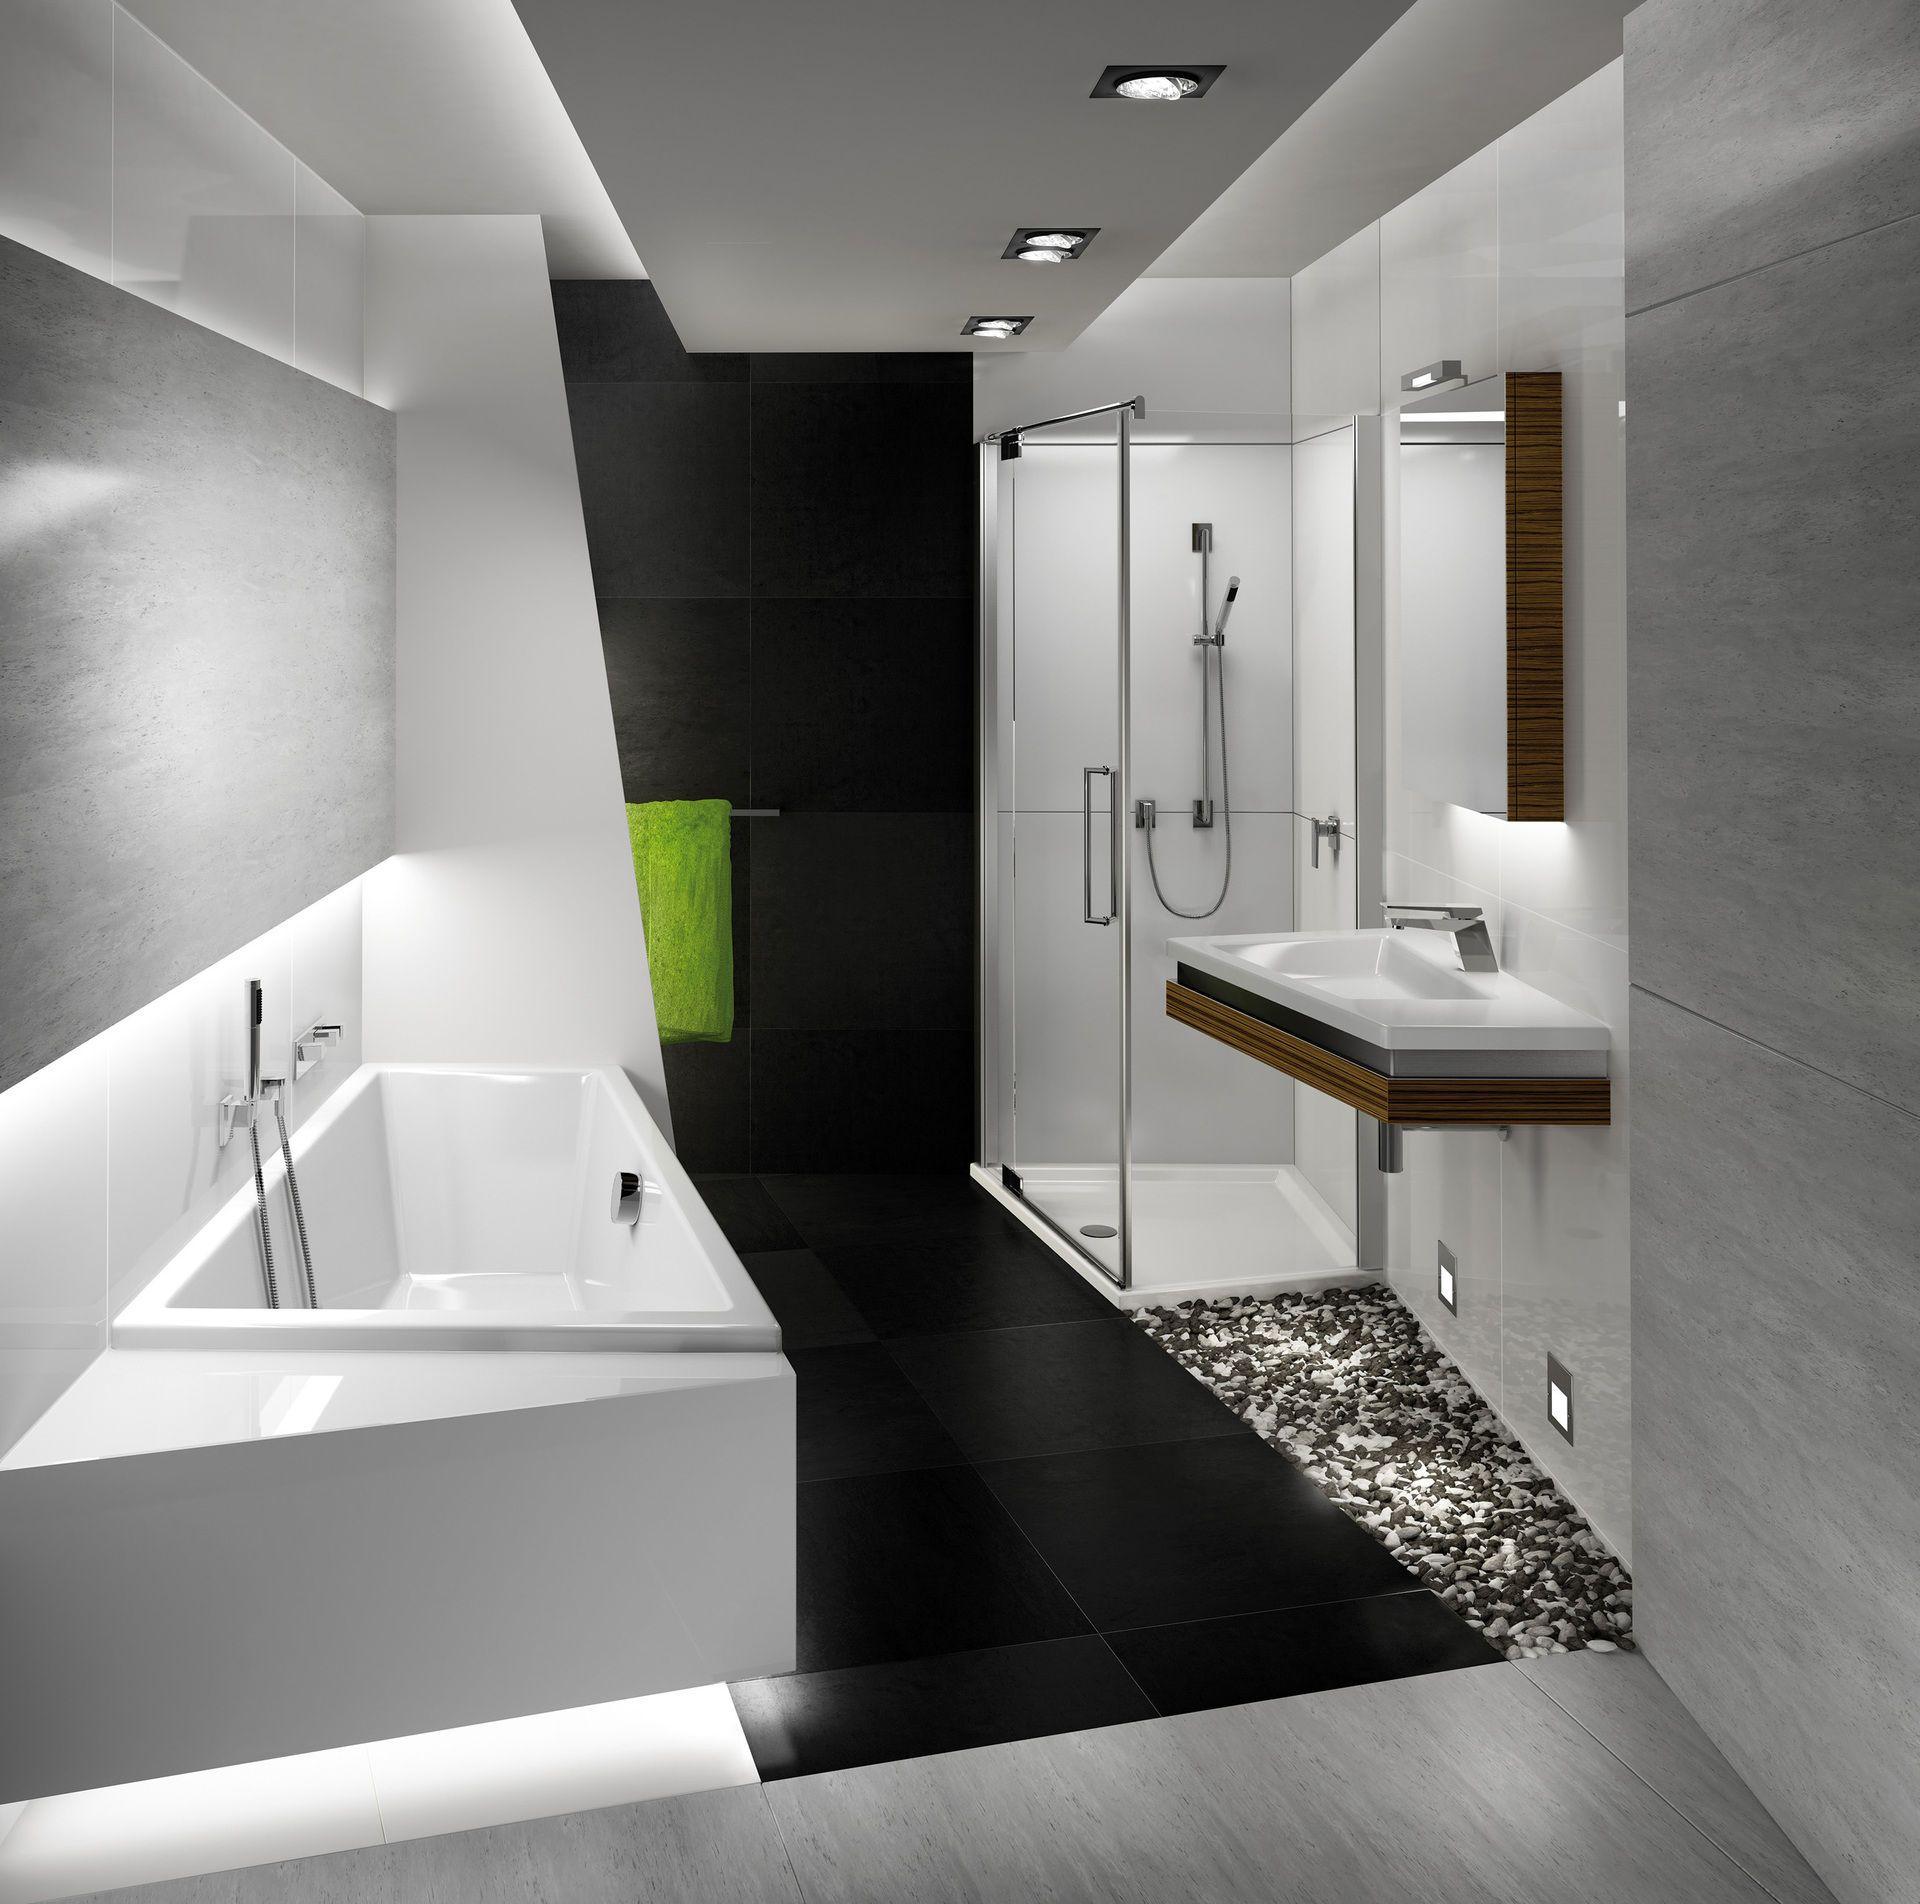 Luft und Licht im fensterlosen Badezimmer - bauemotion.de